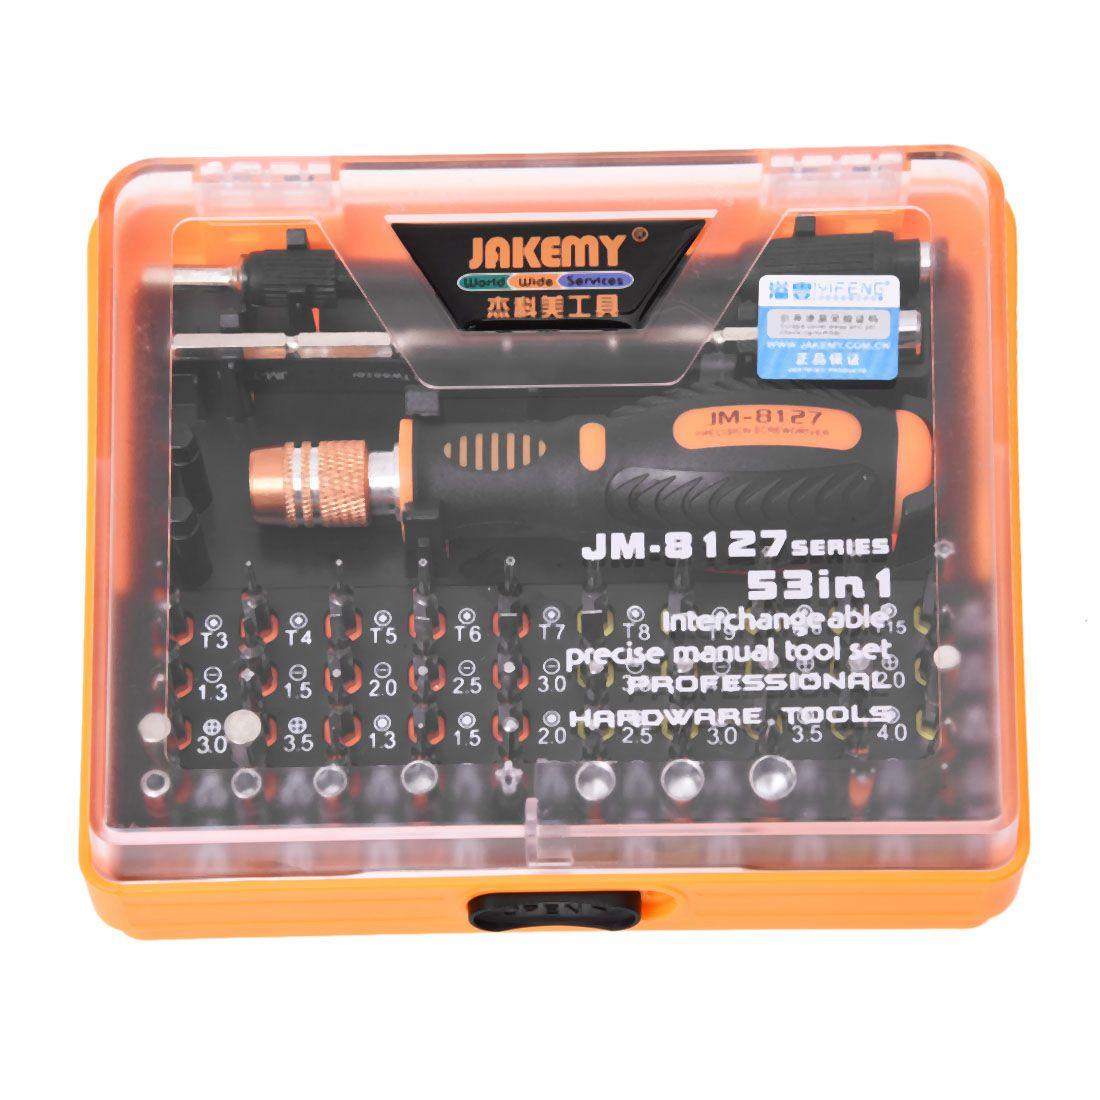 Jakemy JM-8127 Magnetische 54in1 Schraubendreher-set Elektronische Zerlegen Reparatur Werkzeug